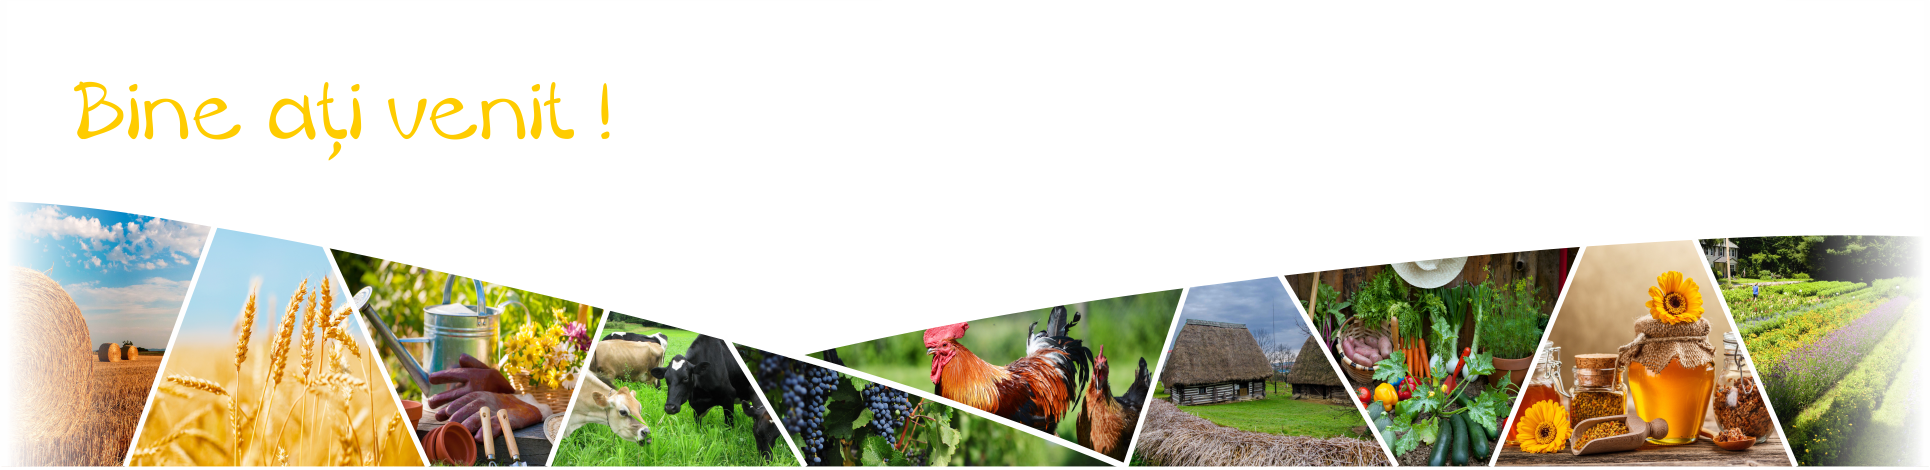 Publica anunturi agricole